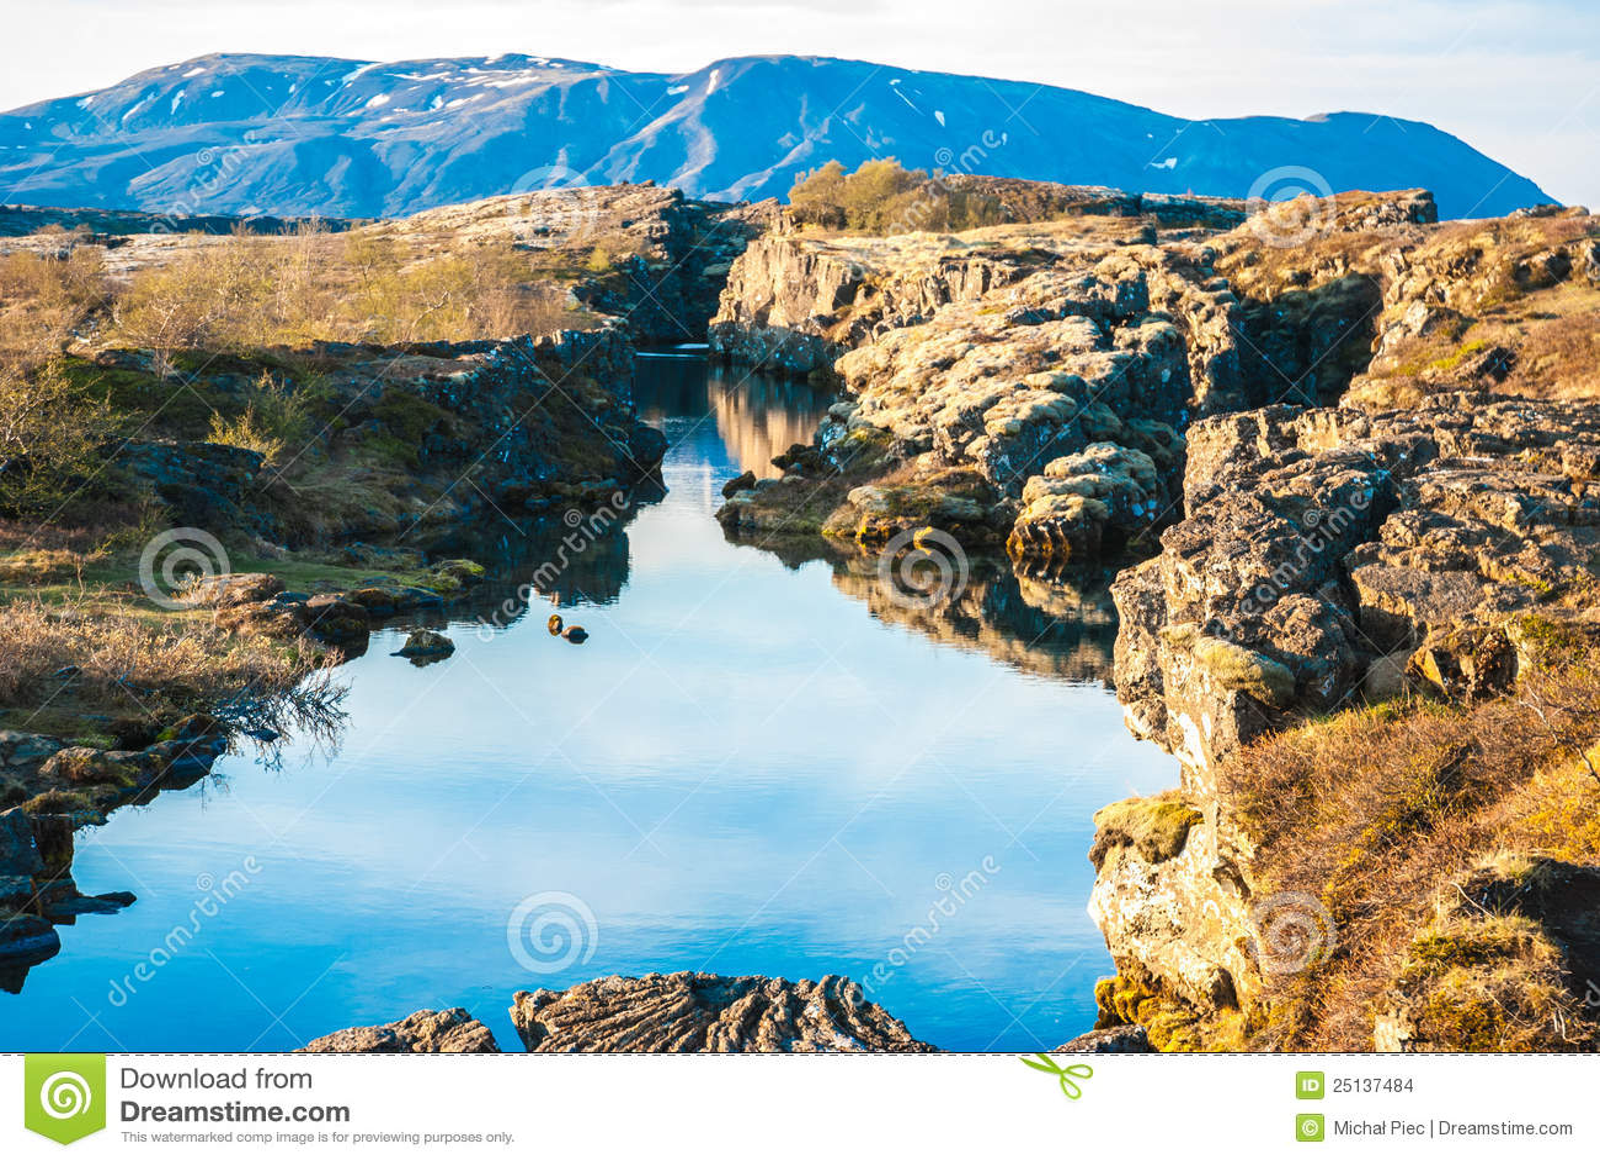 Site de rencontre islande